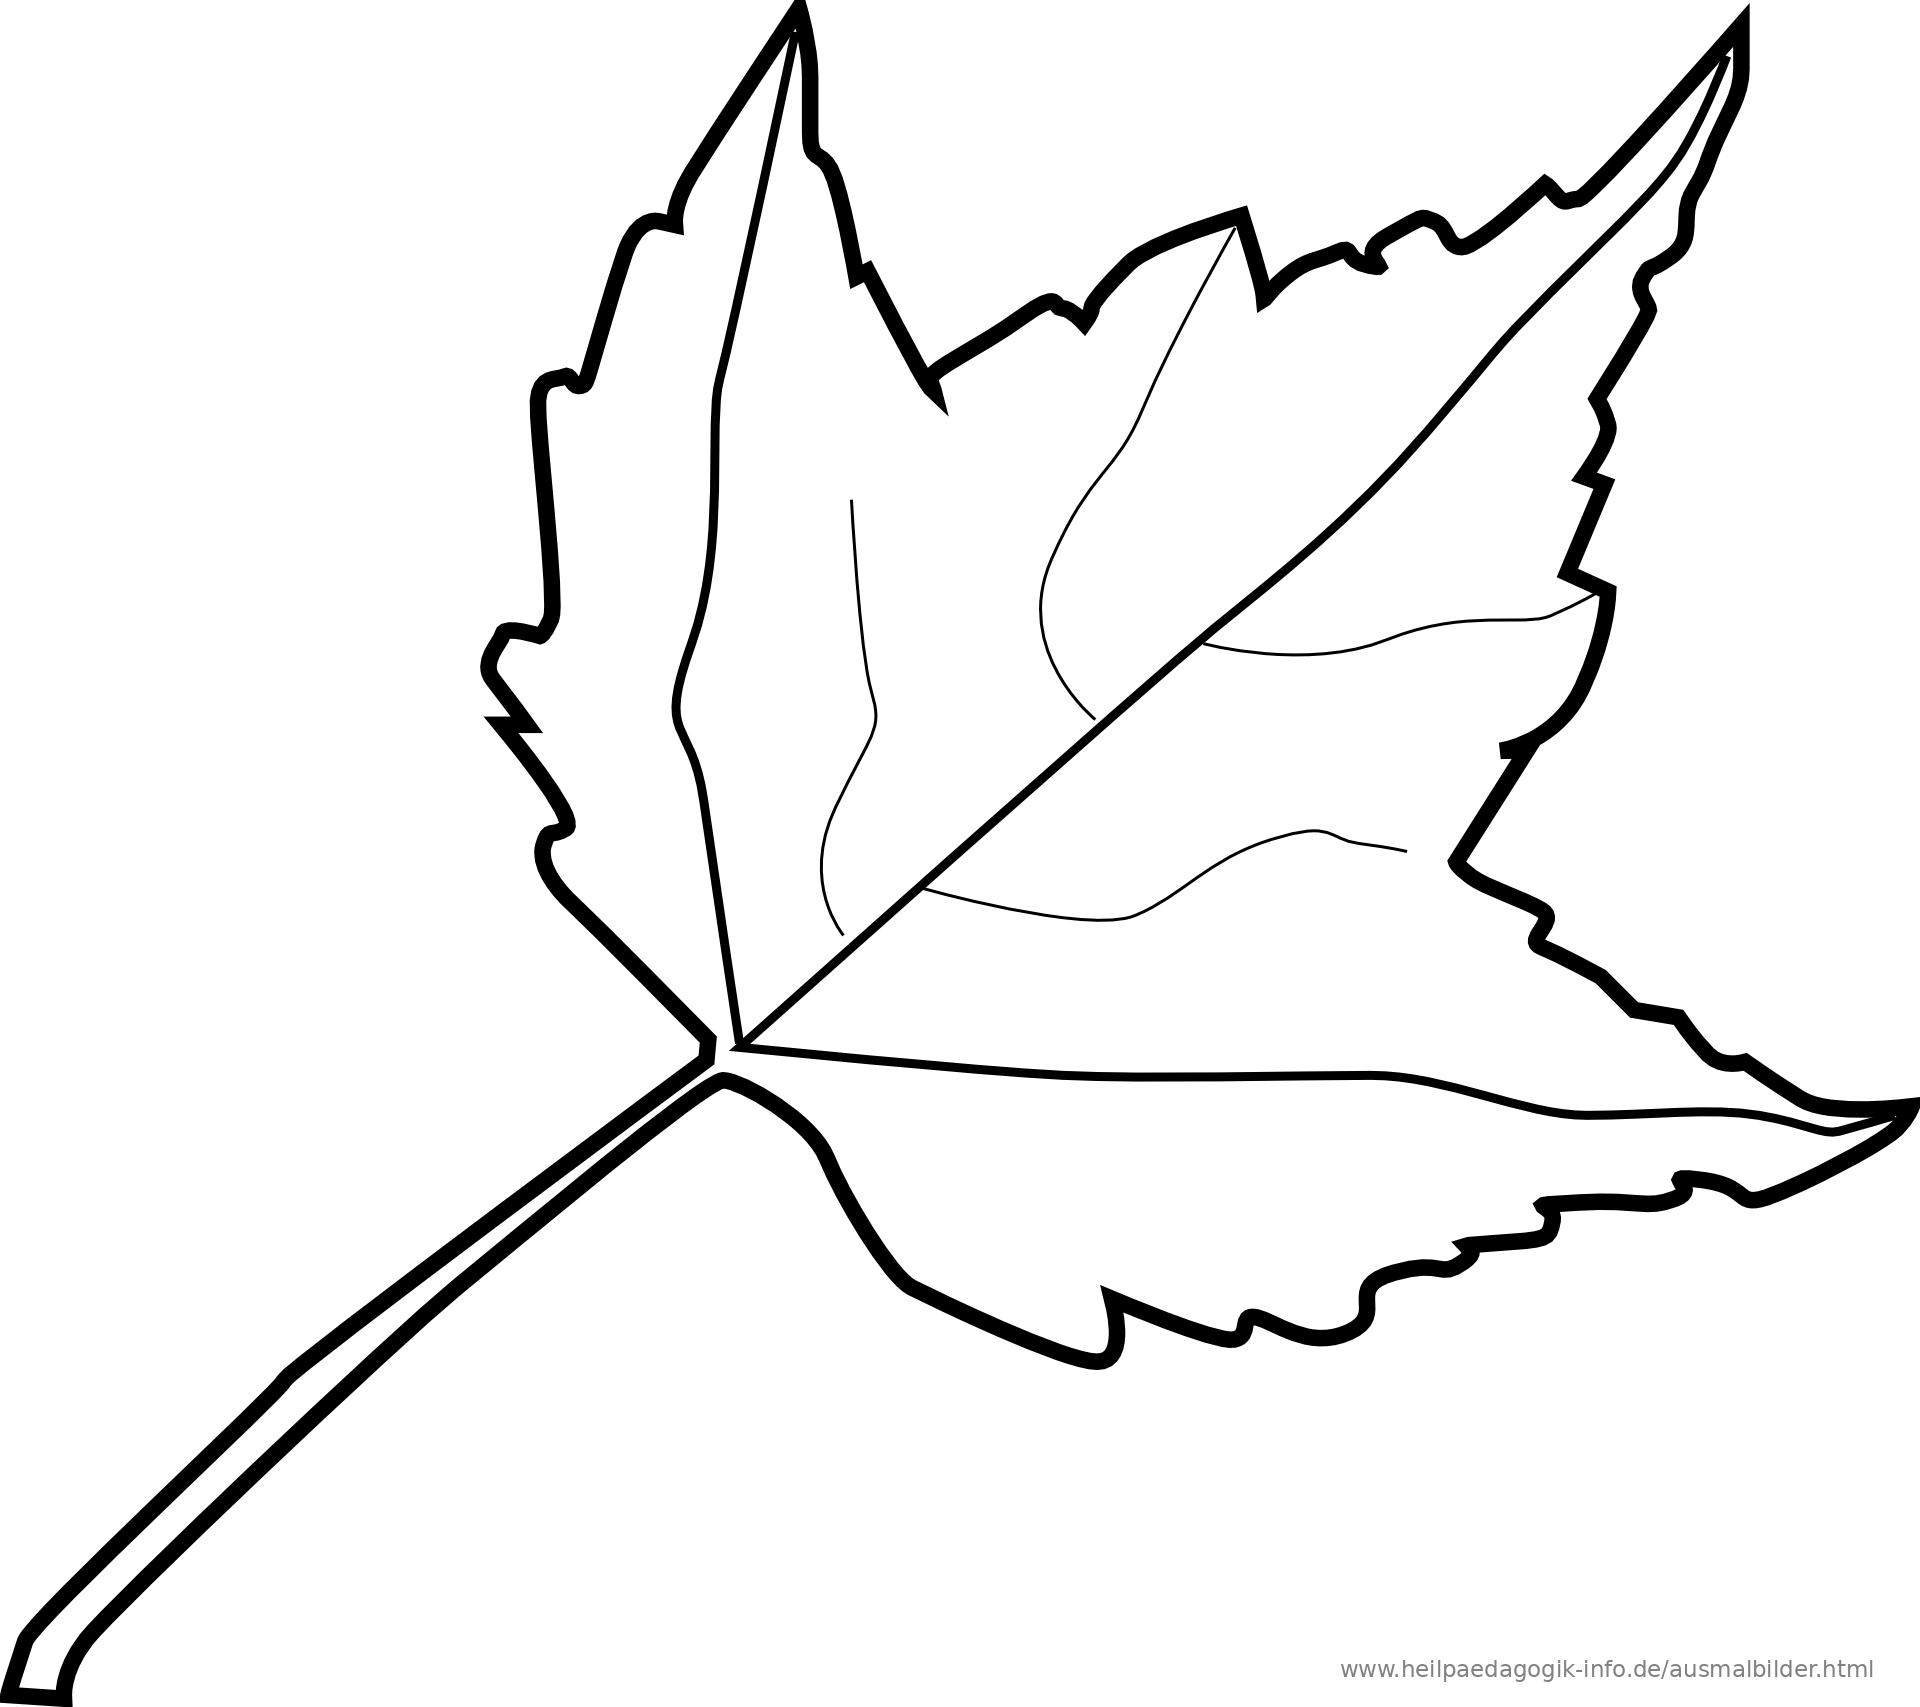 Ausmalbilder Blumen Baume Blatter